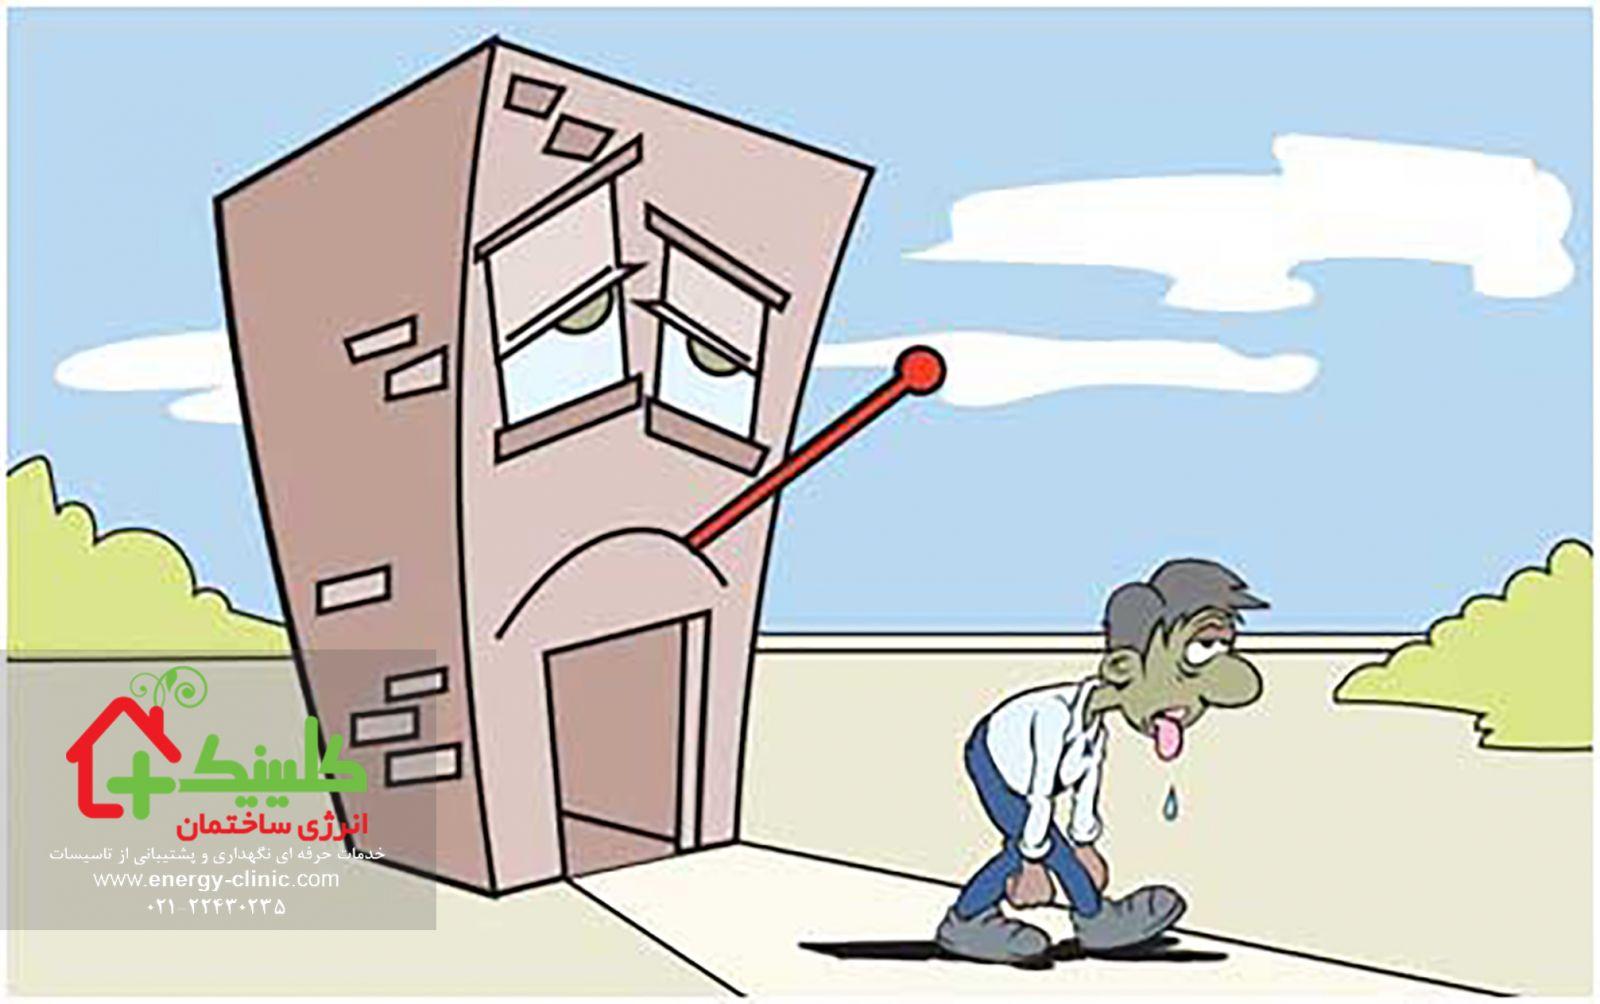 سندروم ساختمان بیمار Sick Building Syndrome